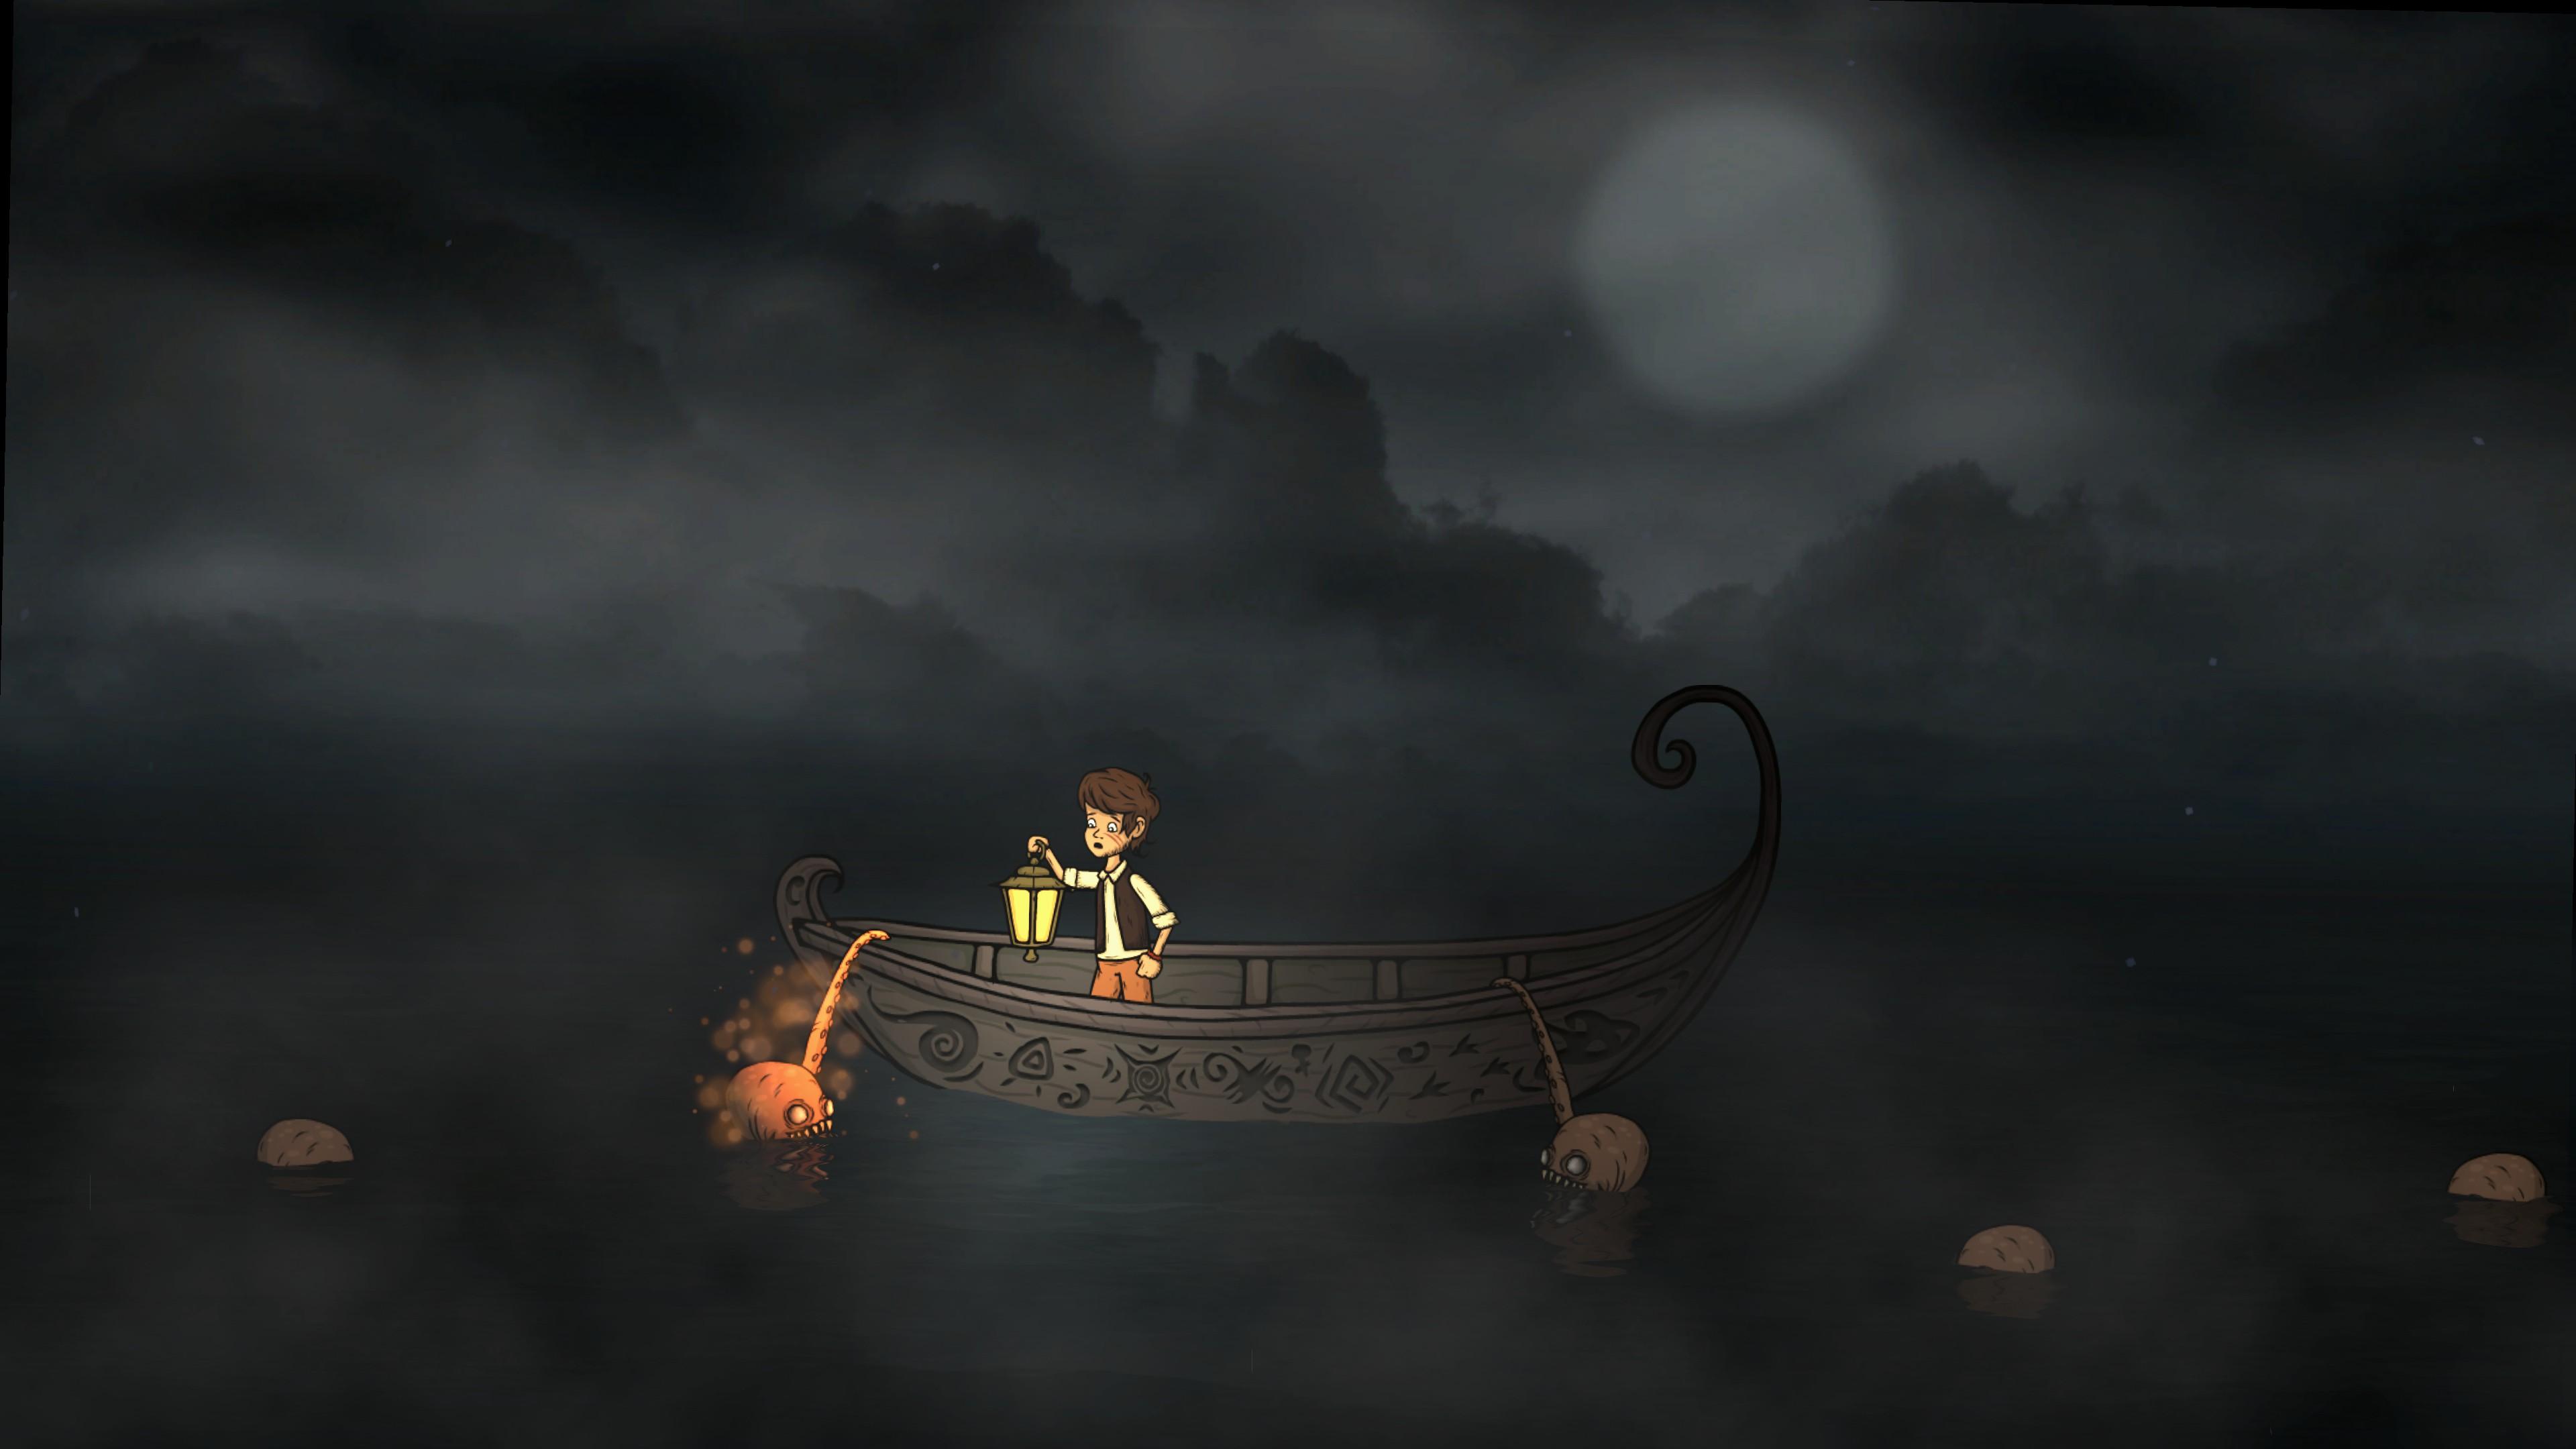 Creepy Tale 2 game screenshot.